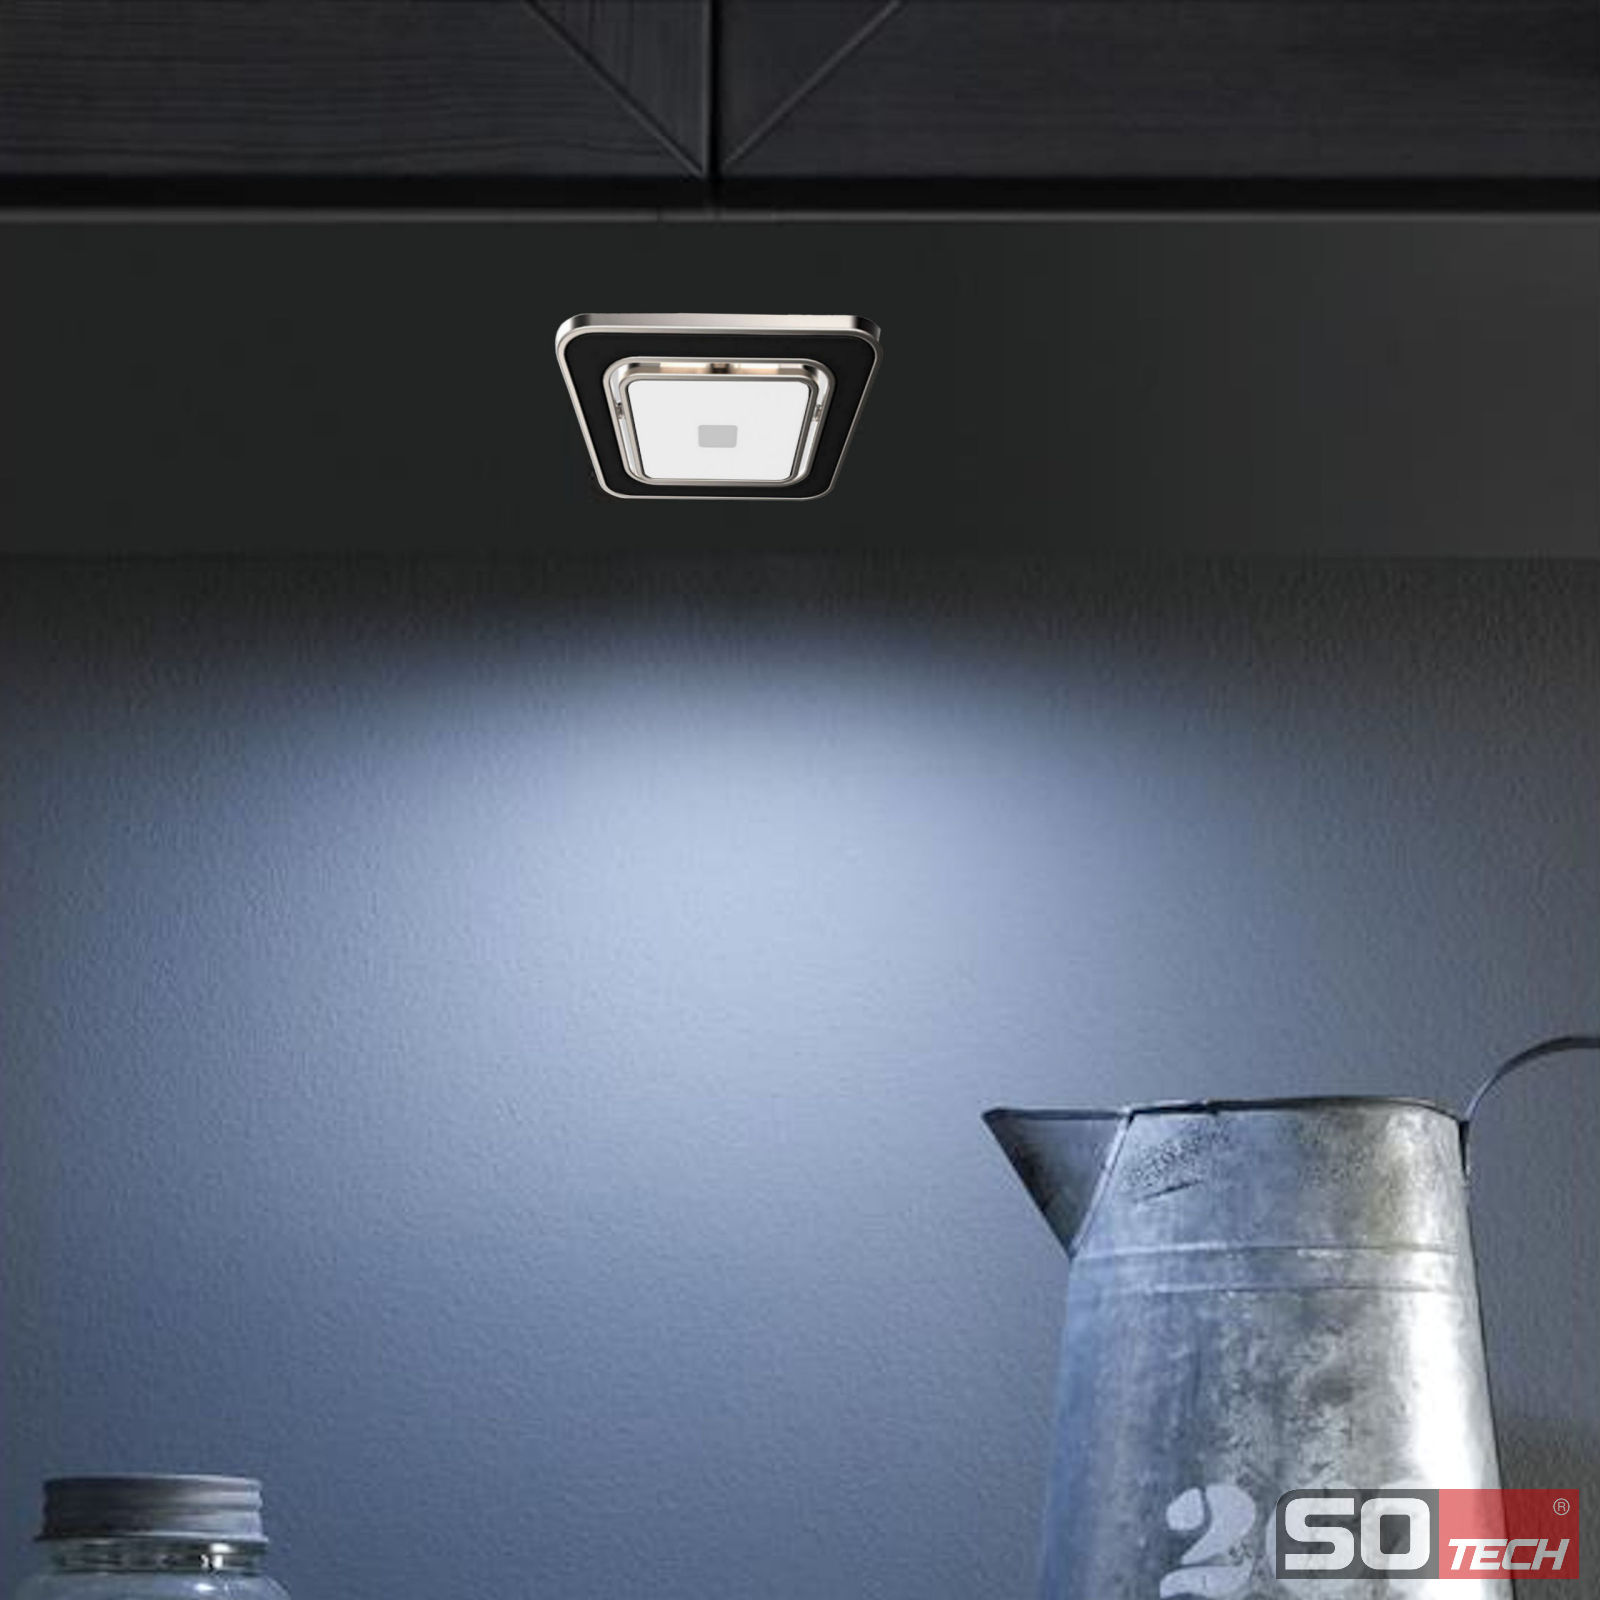 Full Size of So Tech Pan Light Led Einbauleuchte Regalleuchte Mbelleuchte Wohnzimmer Küchenleuchte